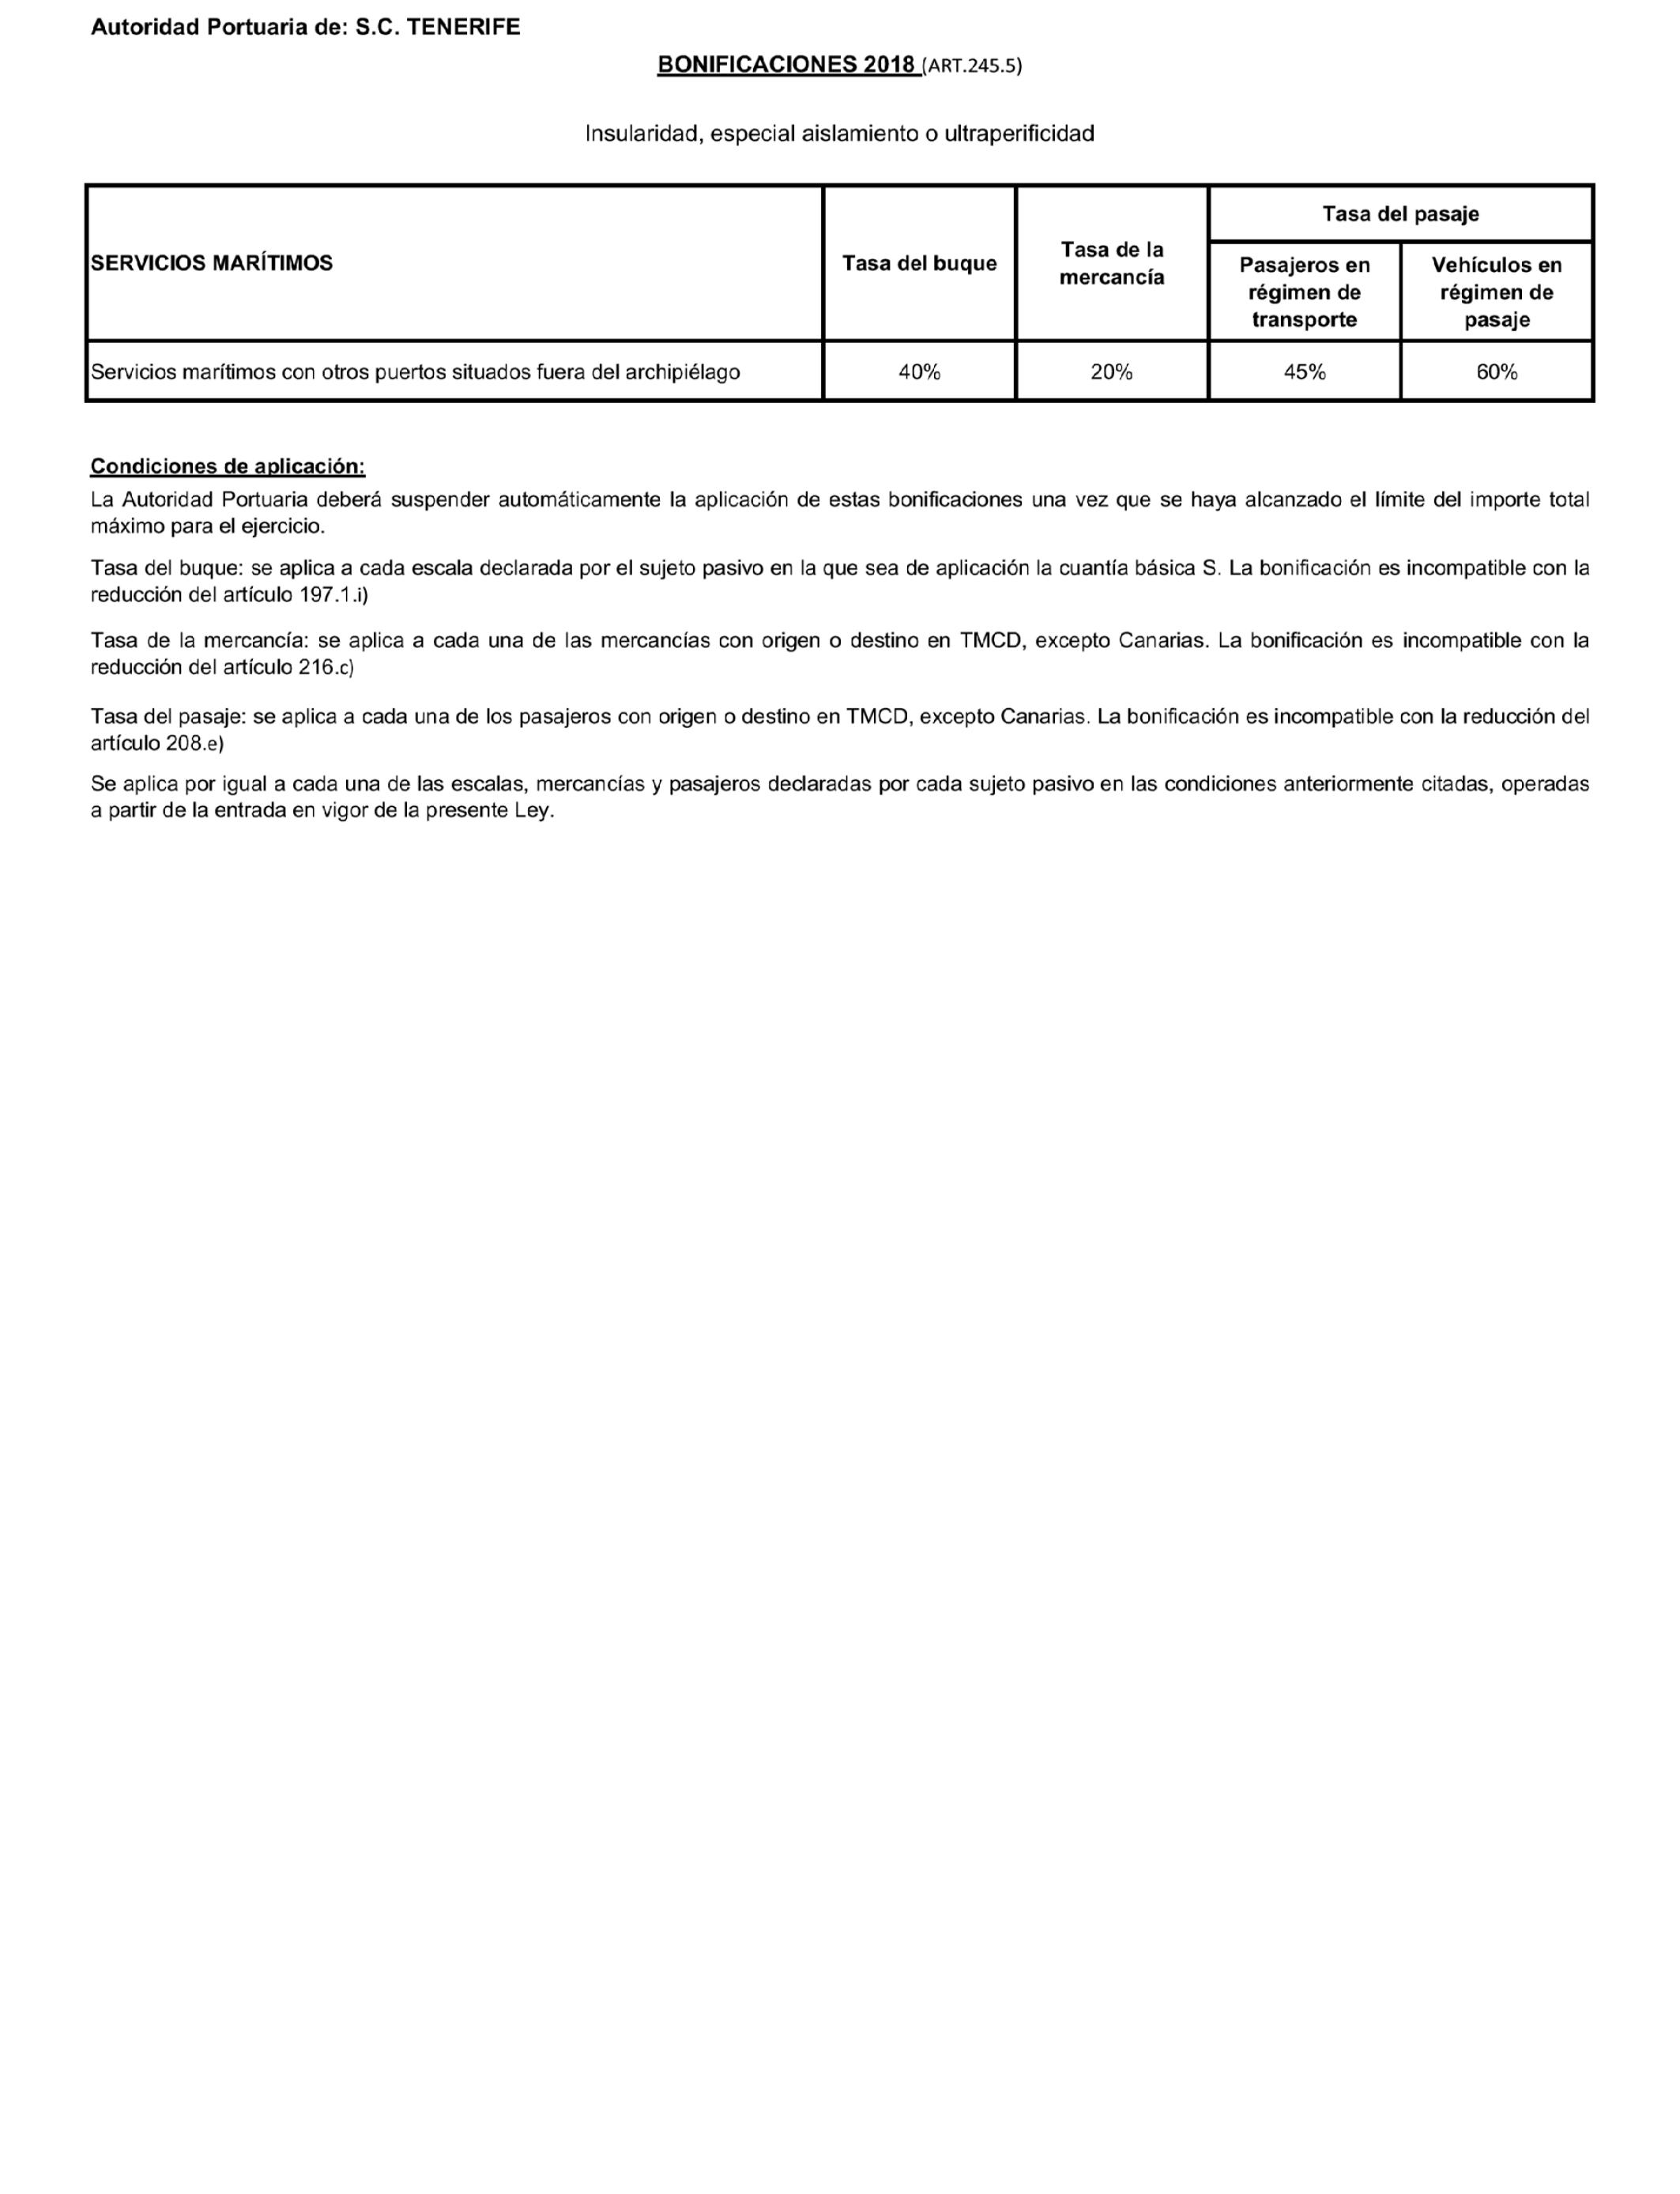 BOE.es - Documento consolidado BOE-A-2018-9268